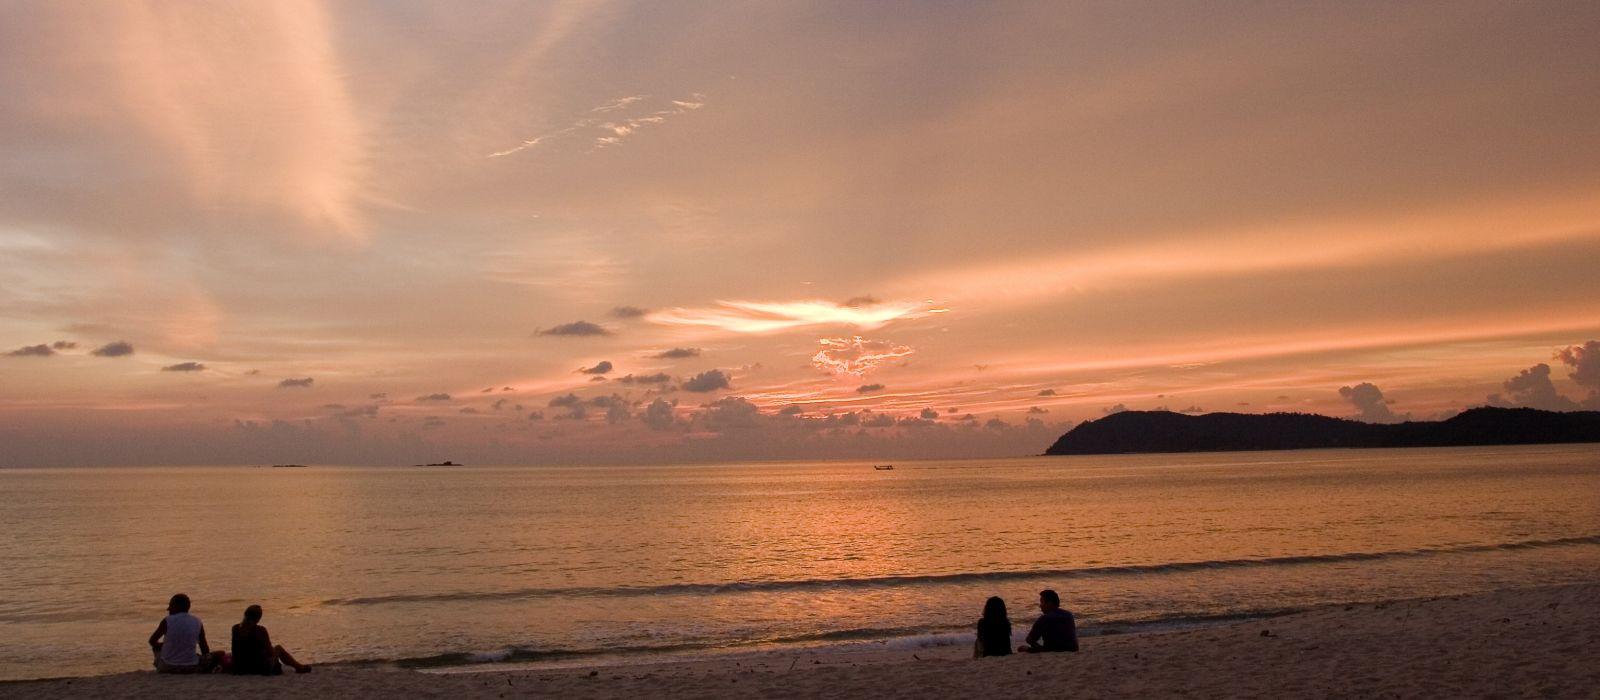 Discover Singapore and Peninsular Malaysia Tour Trip 6